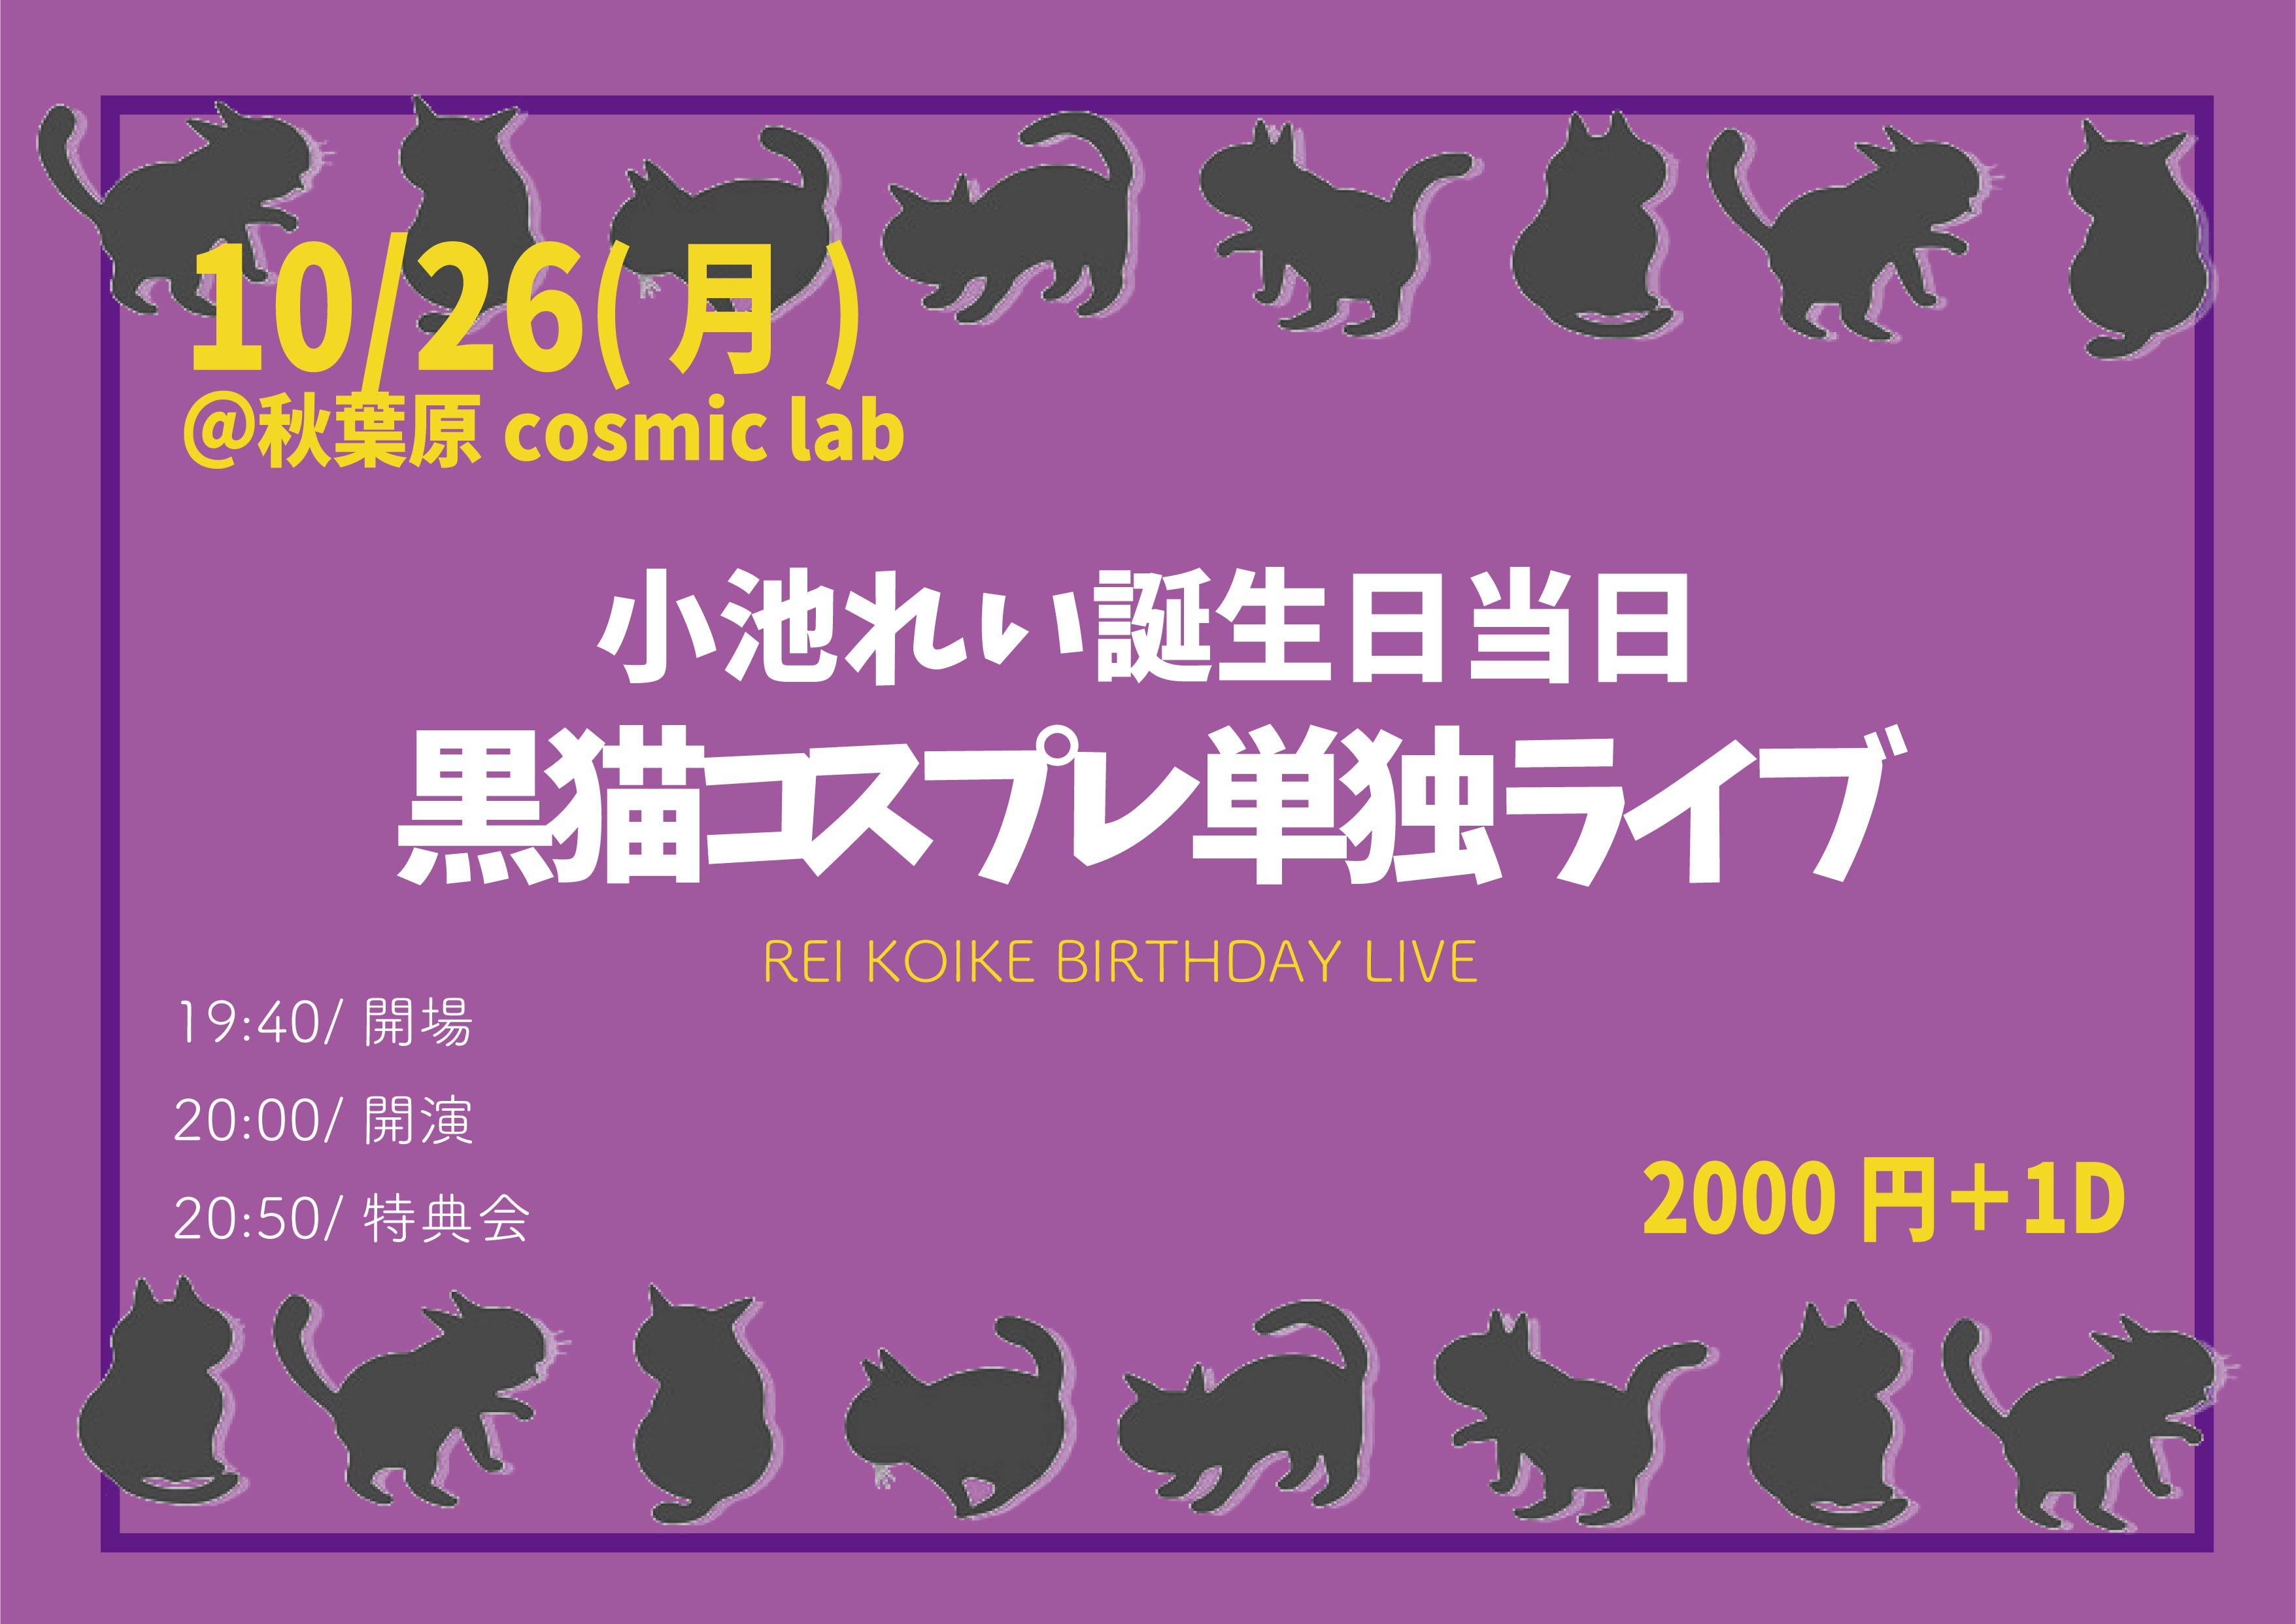 【小池れい誕生日当日】黒猫コスプレライブ